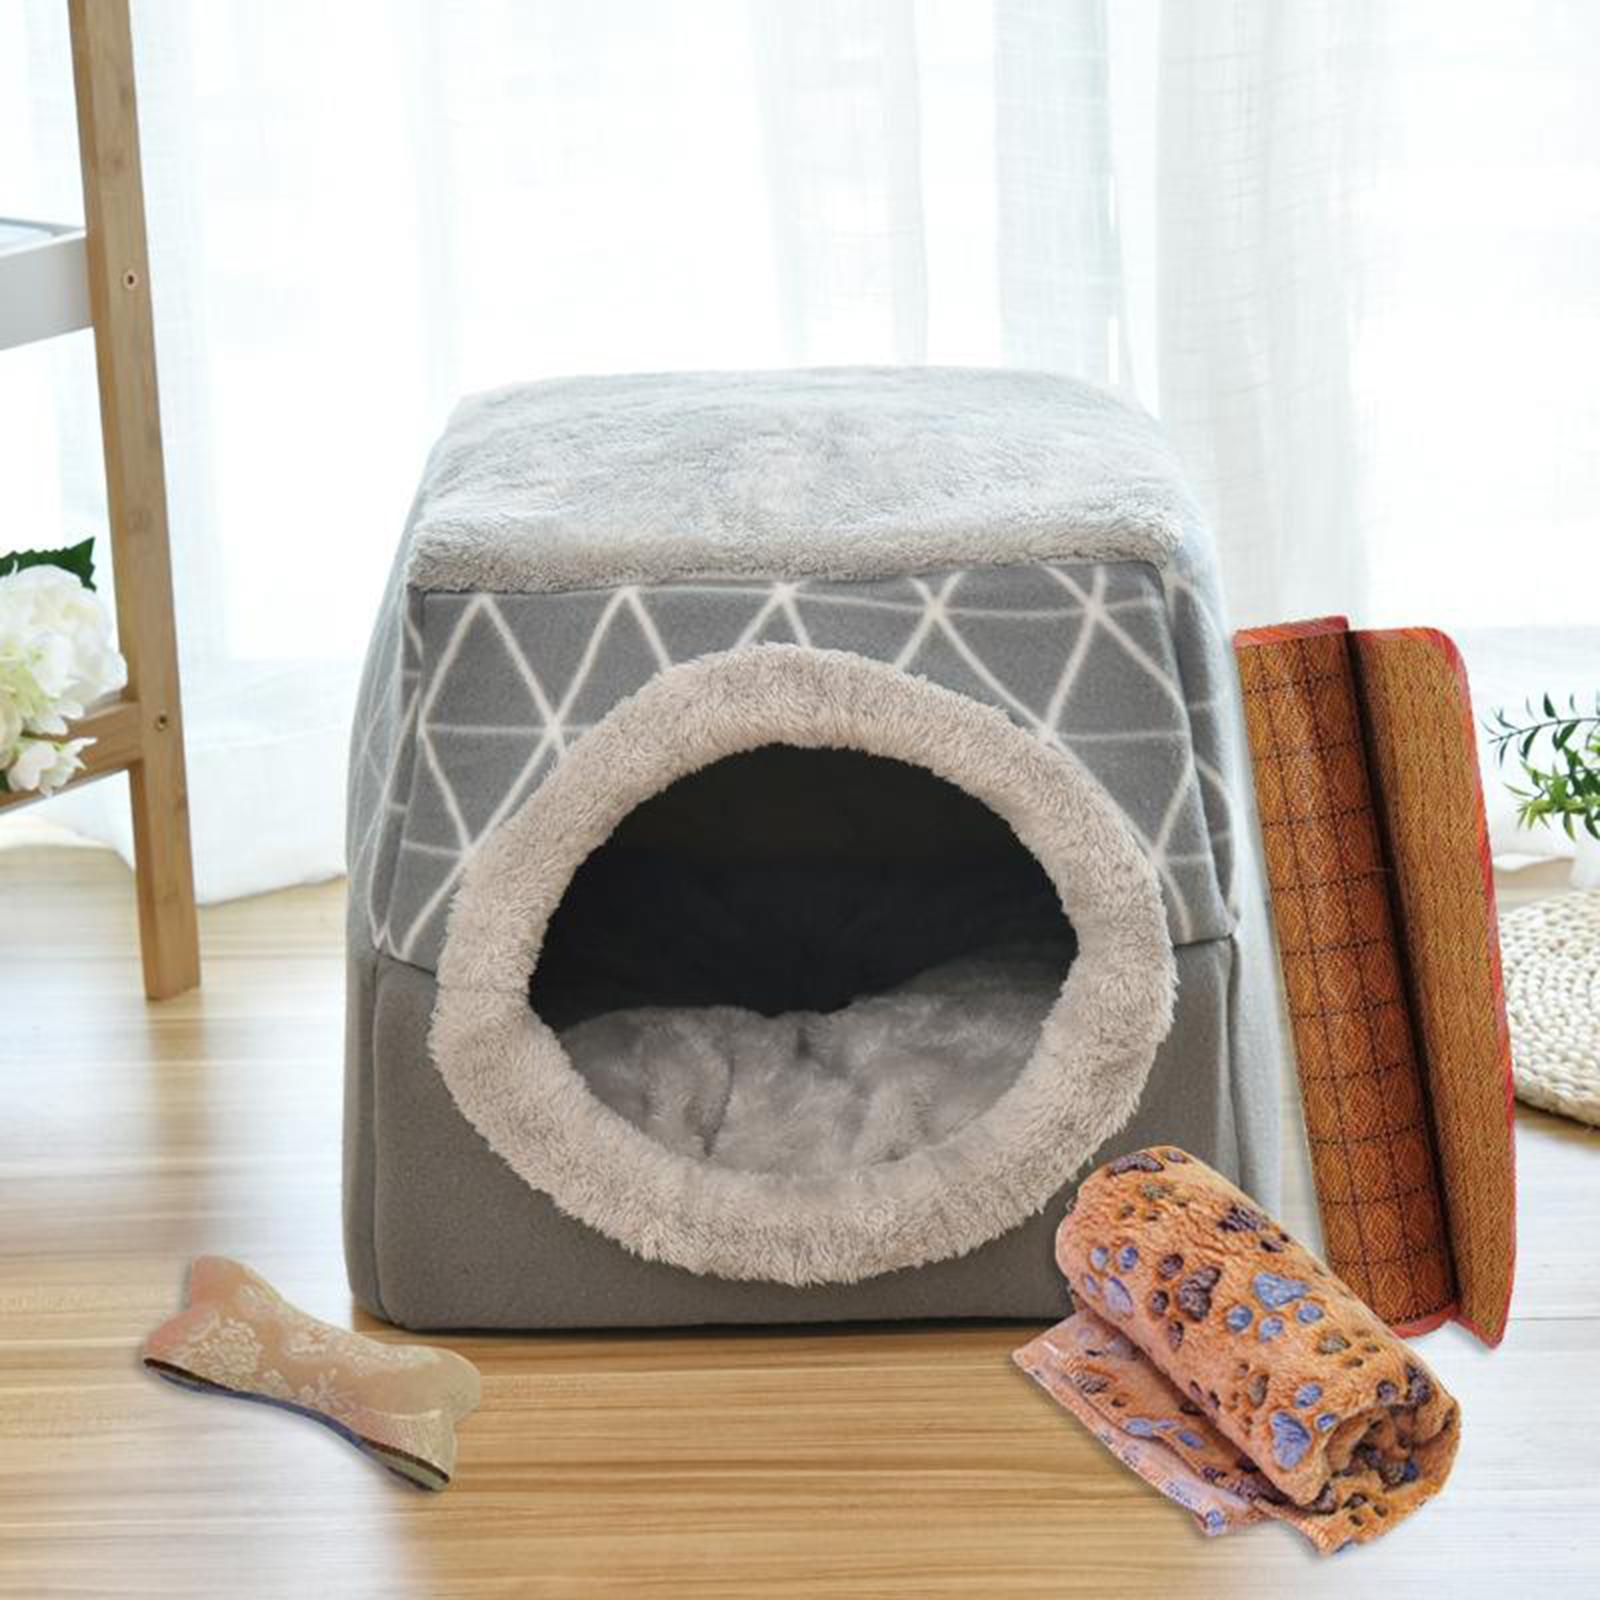 Indexbild 16 - 2-in-1-Weichen-Katzen-Haus-Schlafen-Bett-Zwinger-Puppy-Cave-Warme-Nest-Matte